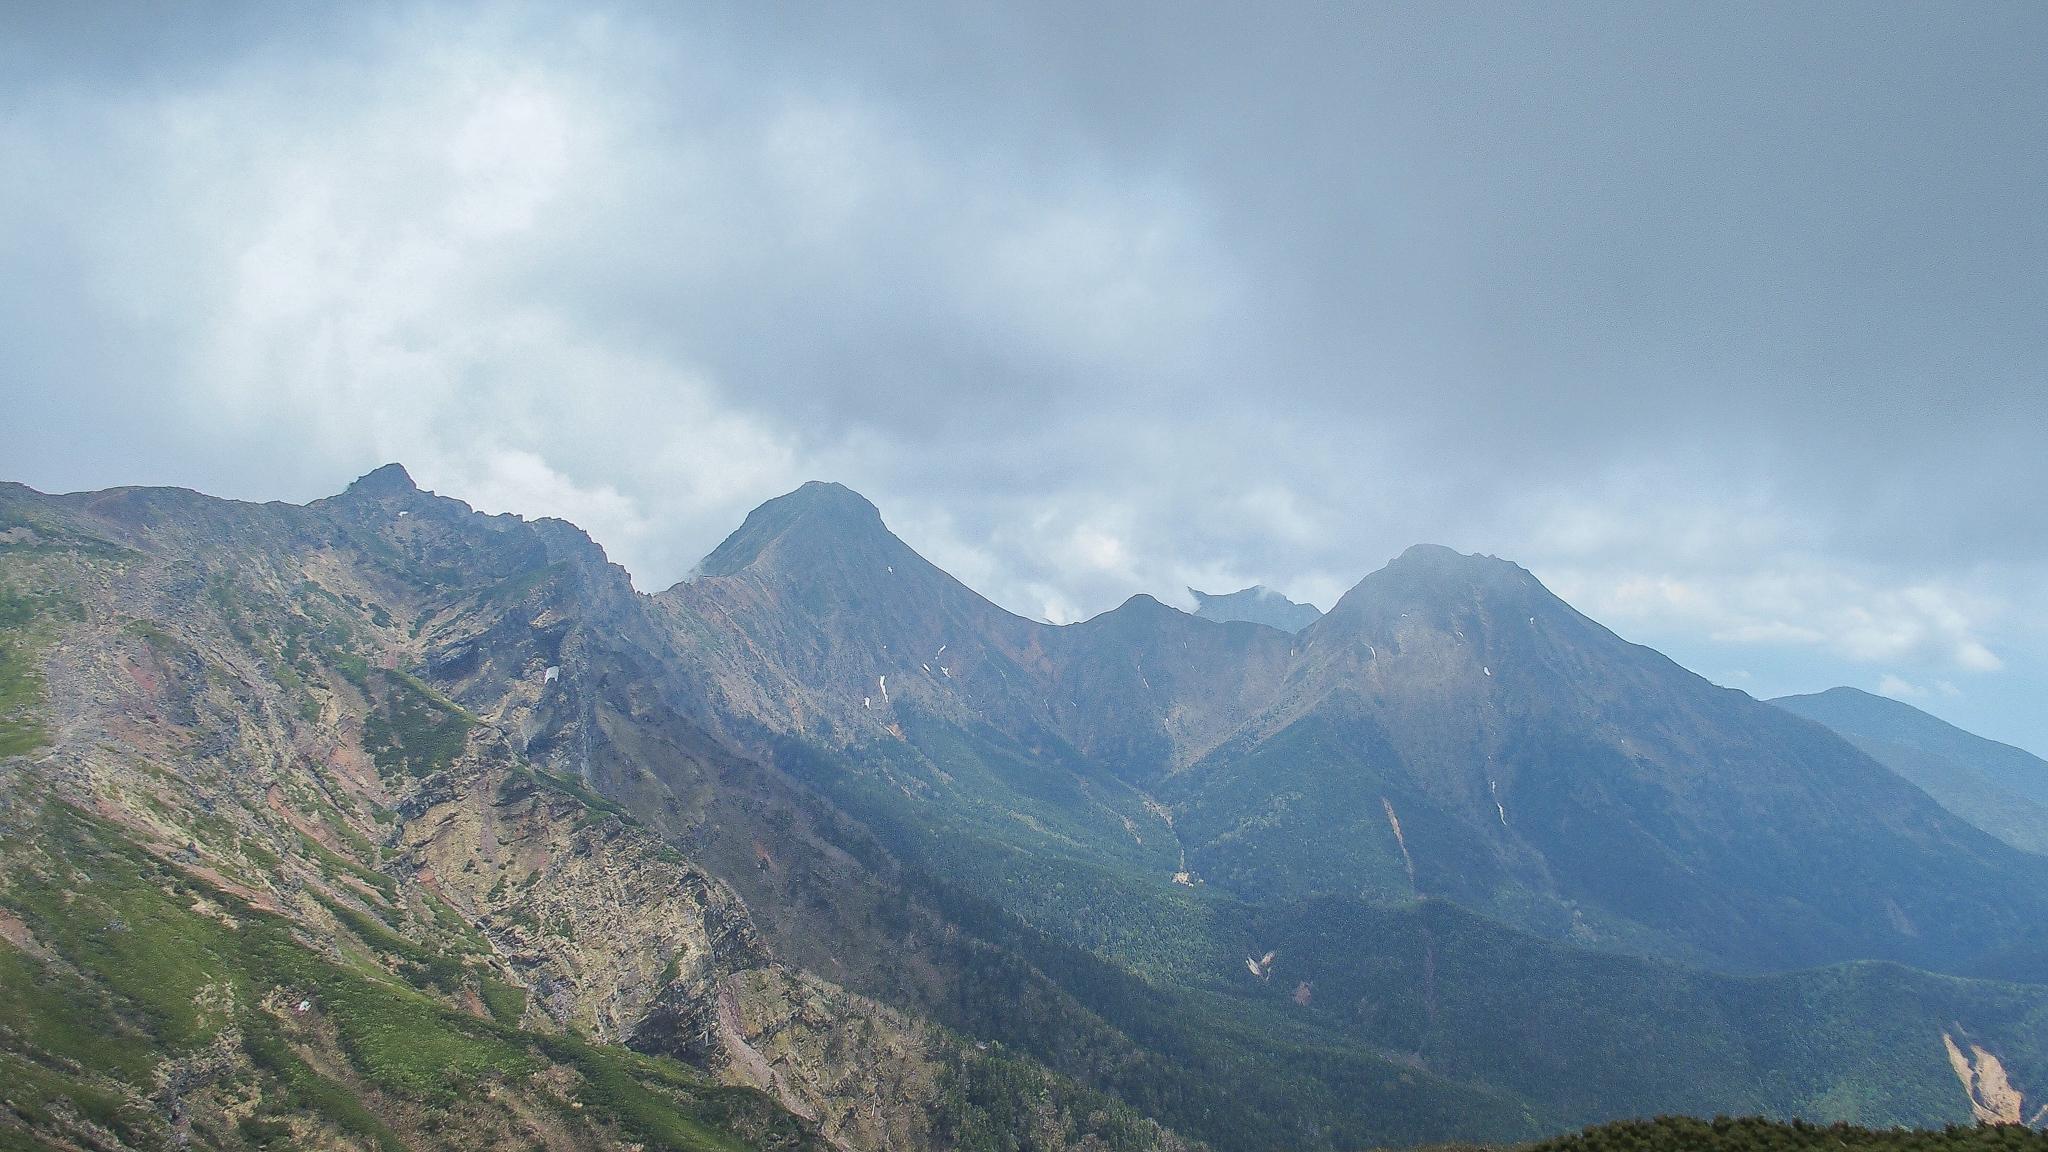 八ヶ岳(赤岳・横岳・硫黄岳)・硫黄岳からの横岳、赤岳、中岳、阿弥陀岳